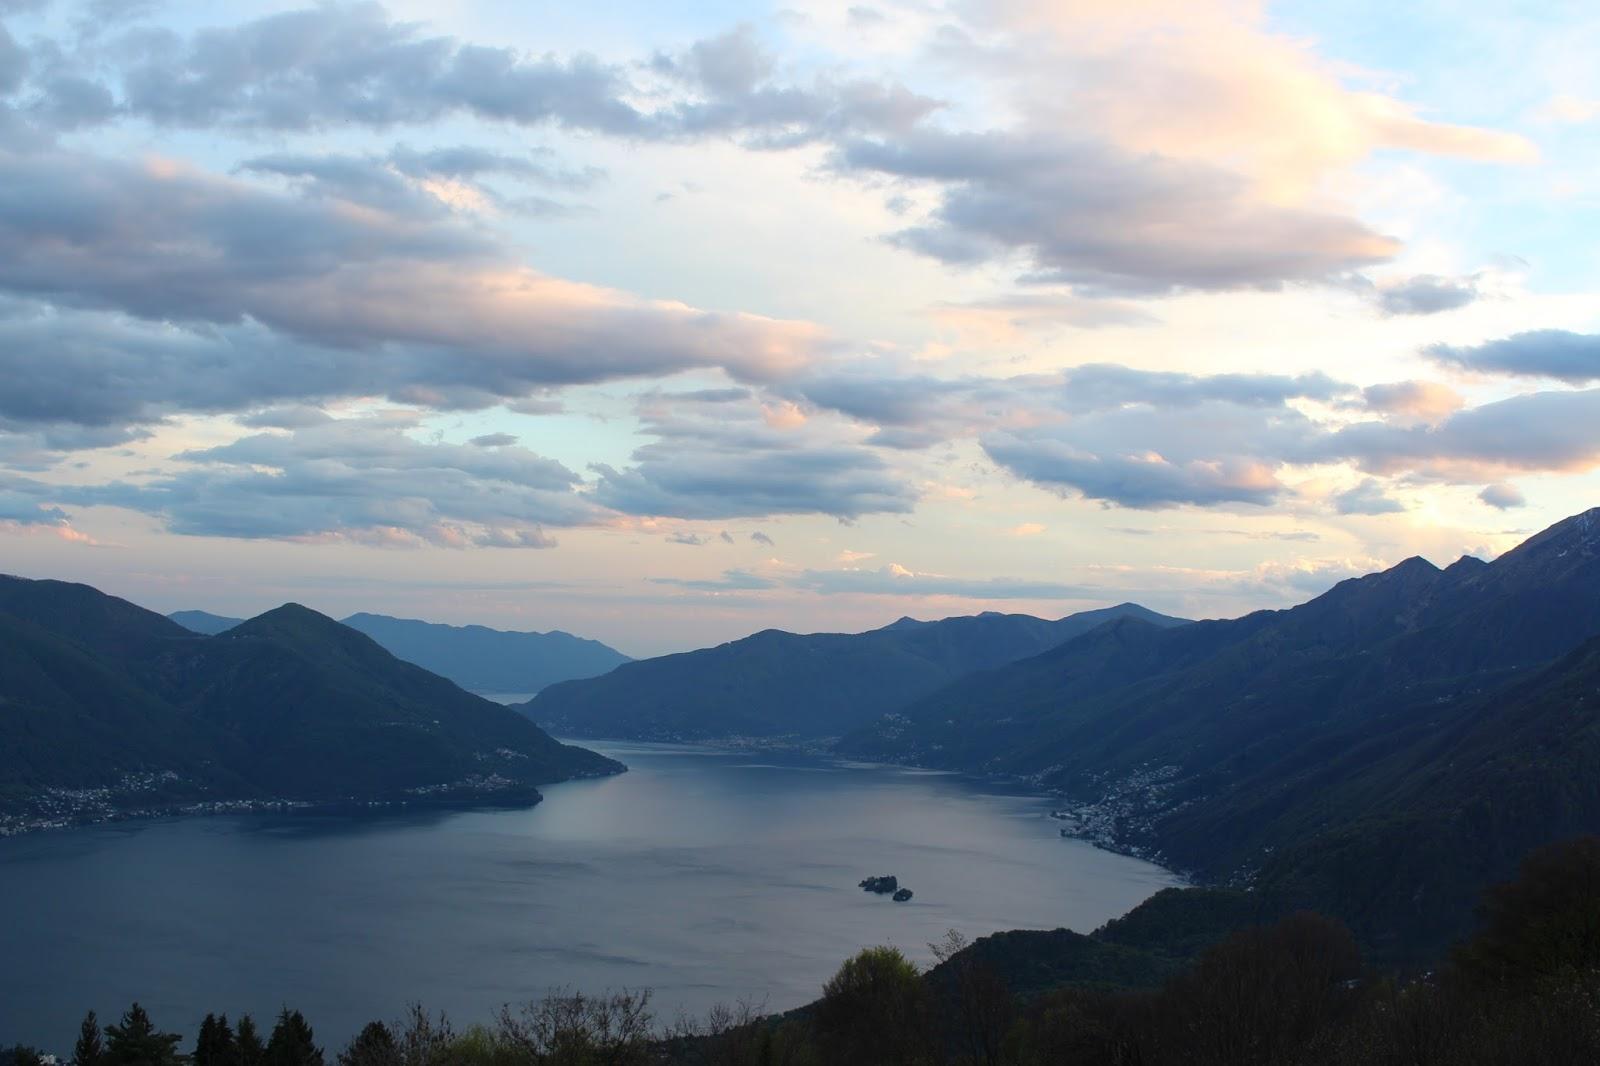 Ausblick vom Monte Brè - Via Miranda - auf den Lago Maggiore, Tessin